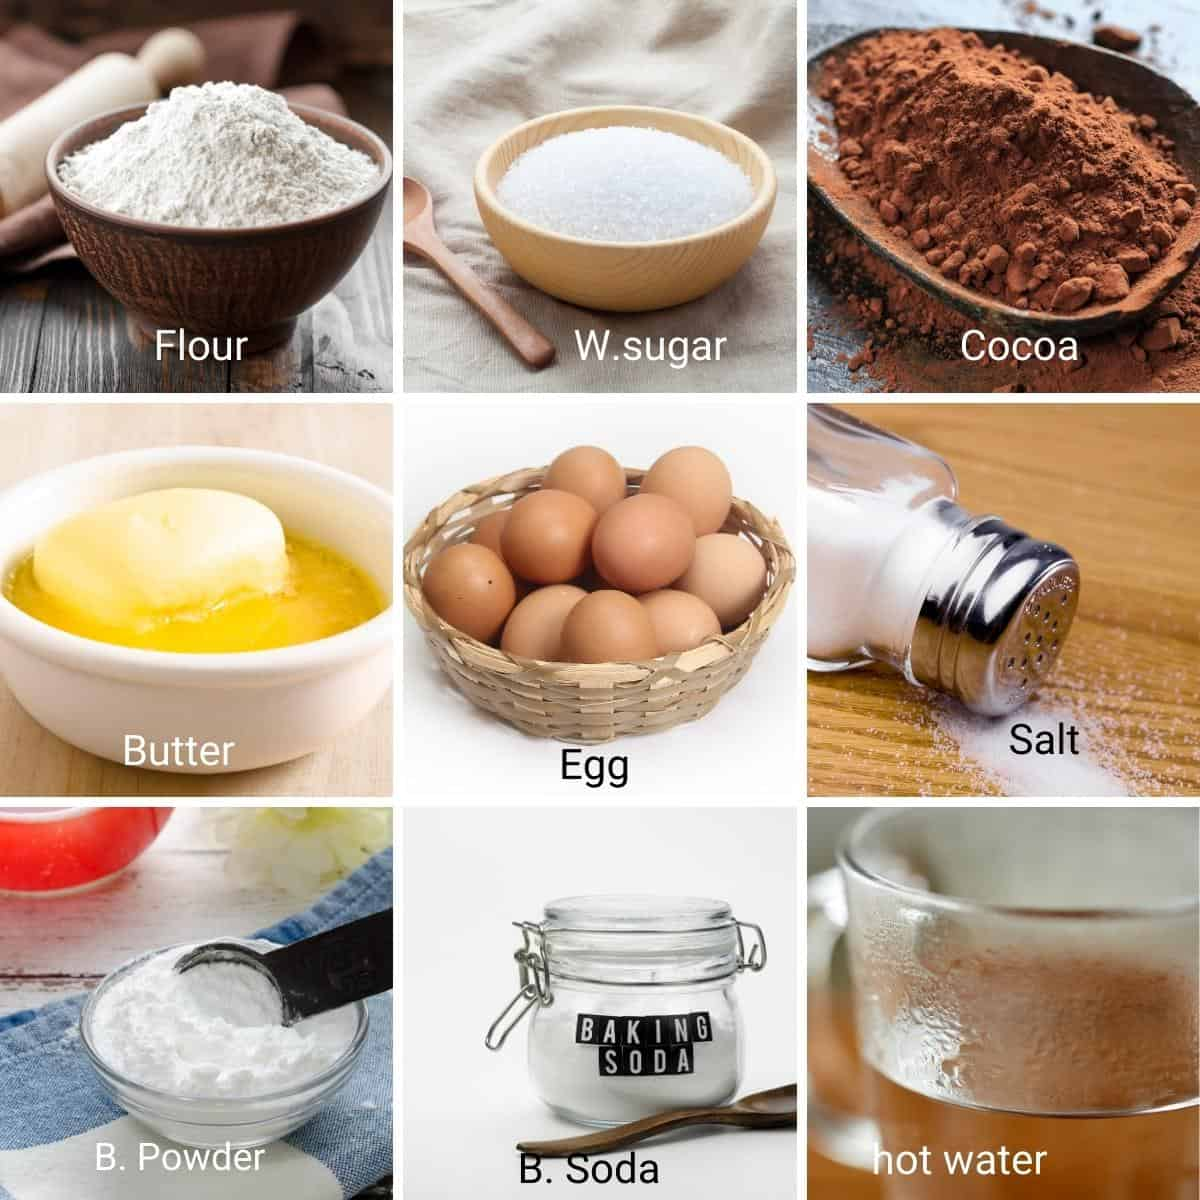 Ingredients shot collage for chocolate mug cake.